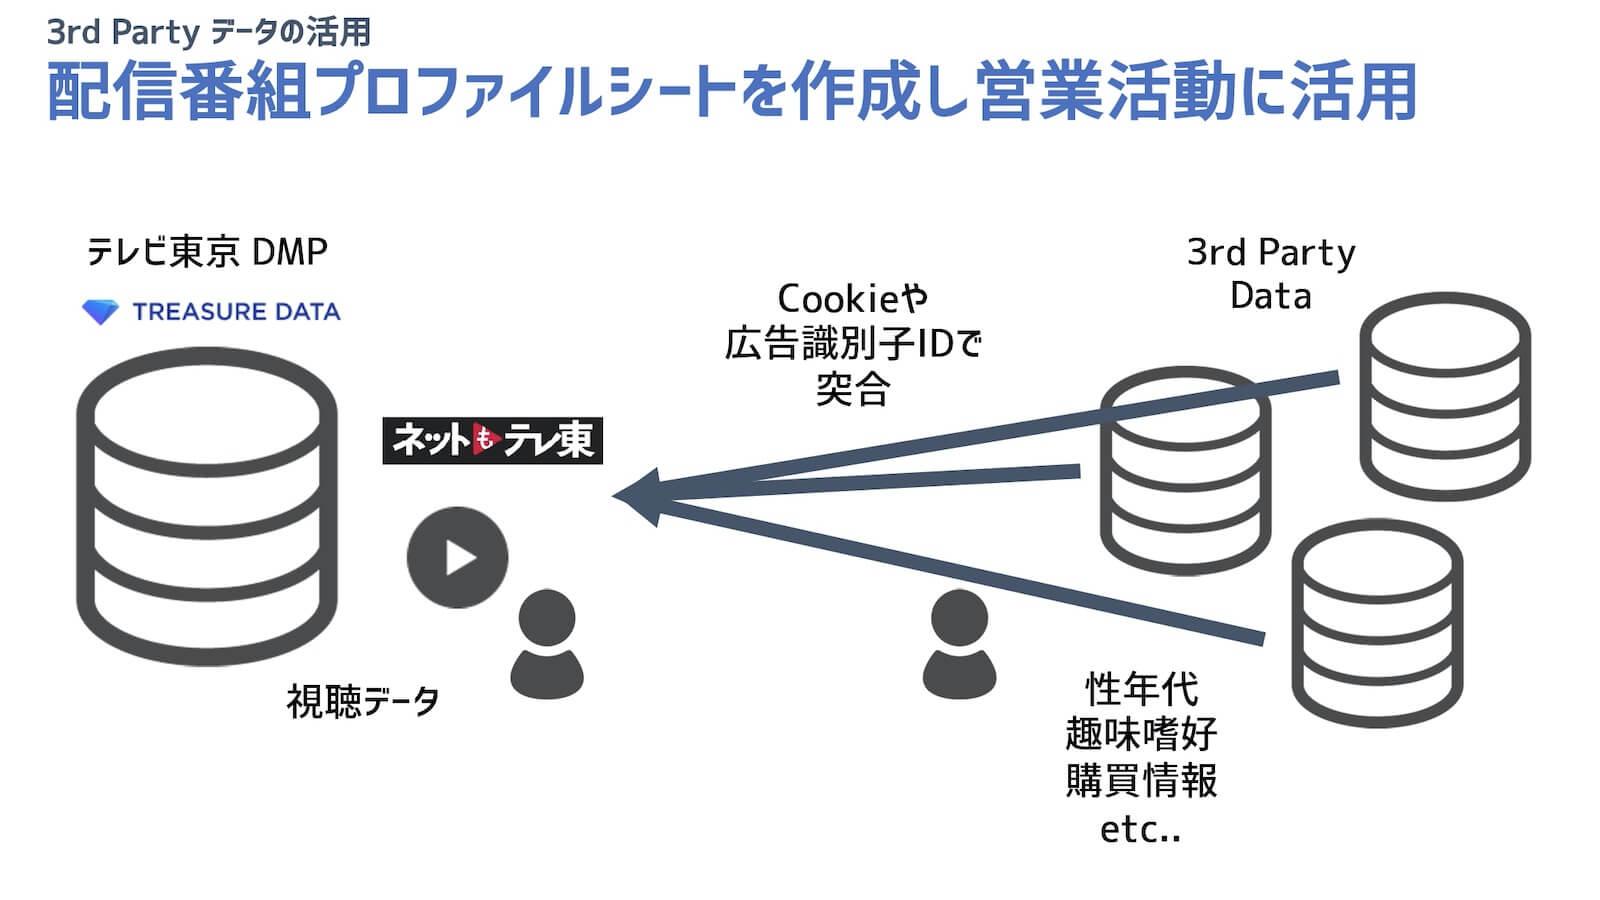 配信番組プロファイルシートを作成から営業活動に活用するイメージ図